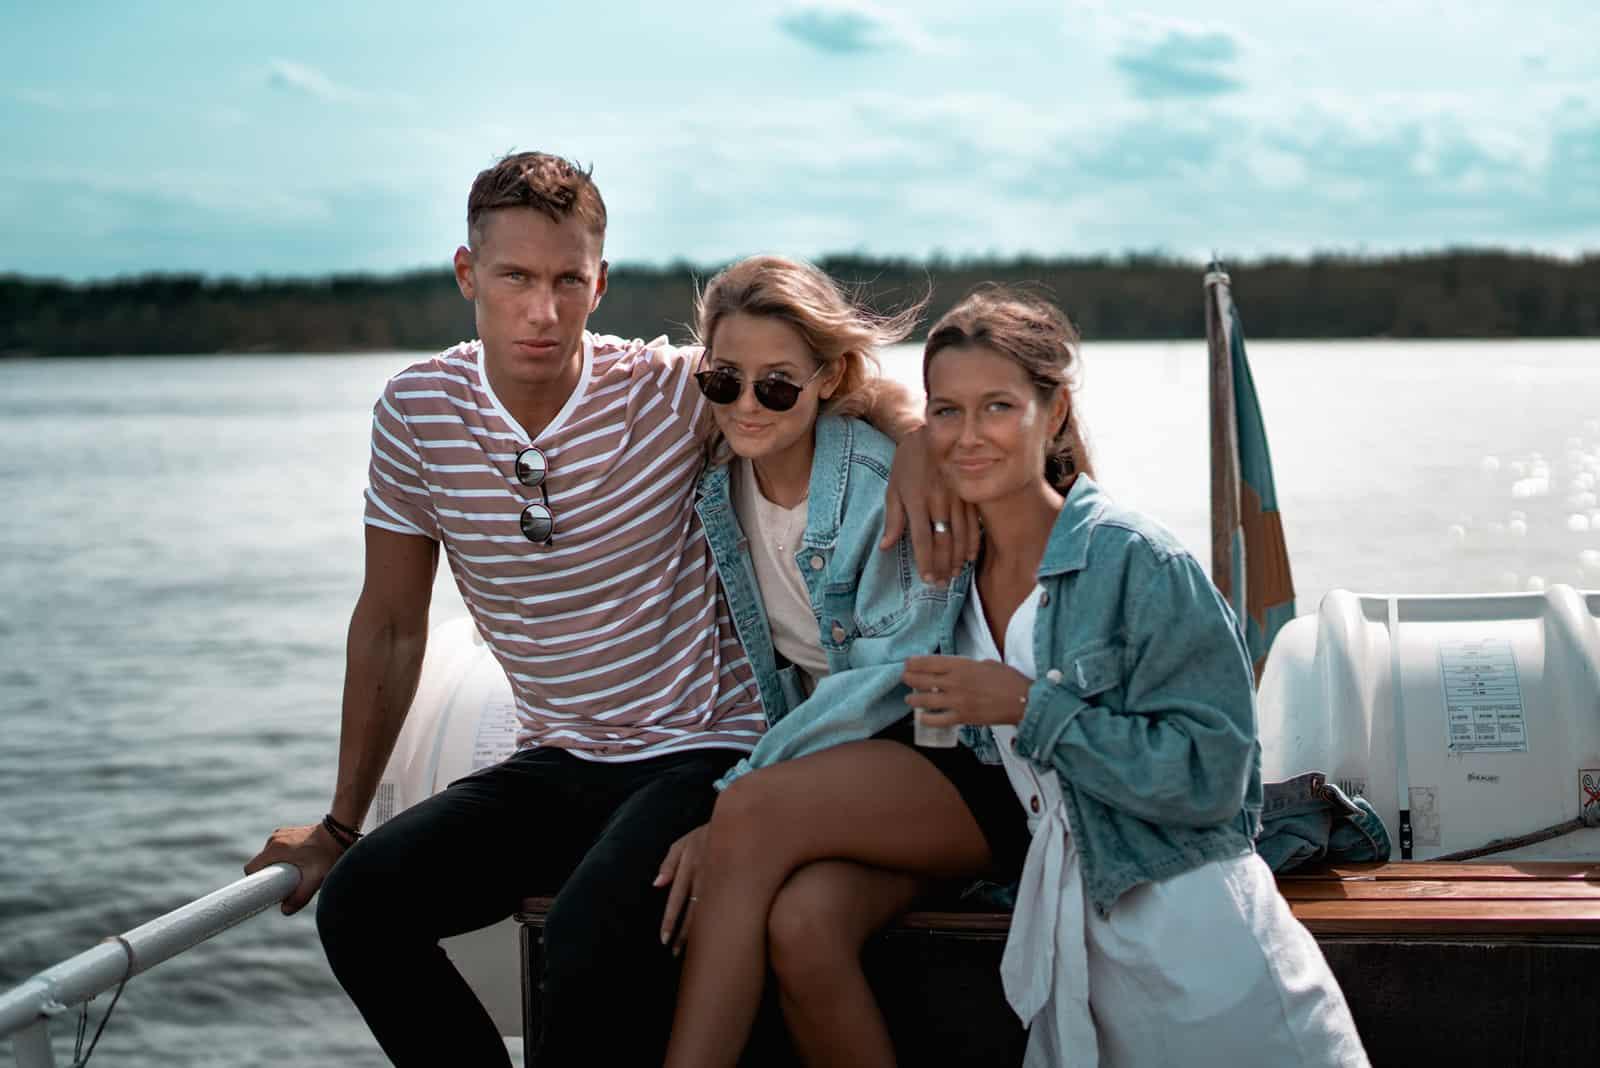 eine Gruppe von Freunden, die auf einem Boot sitzen, während sie für ein Foto posieren